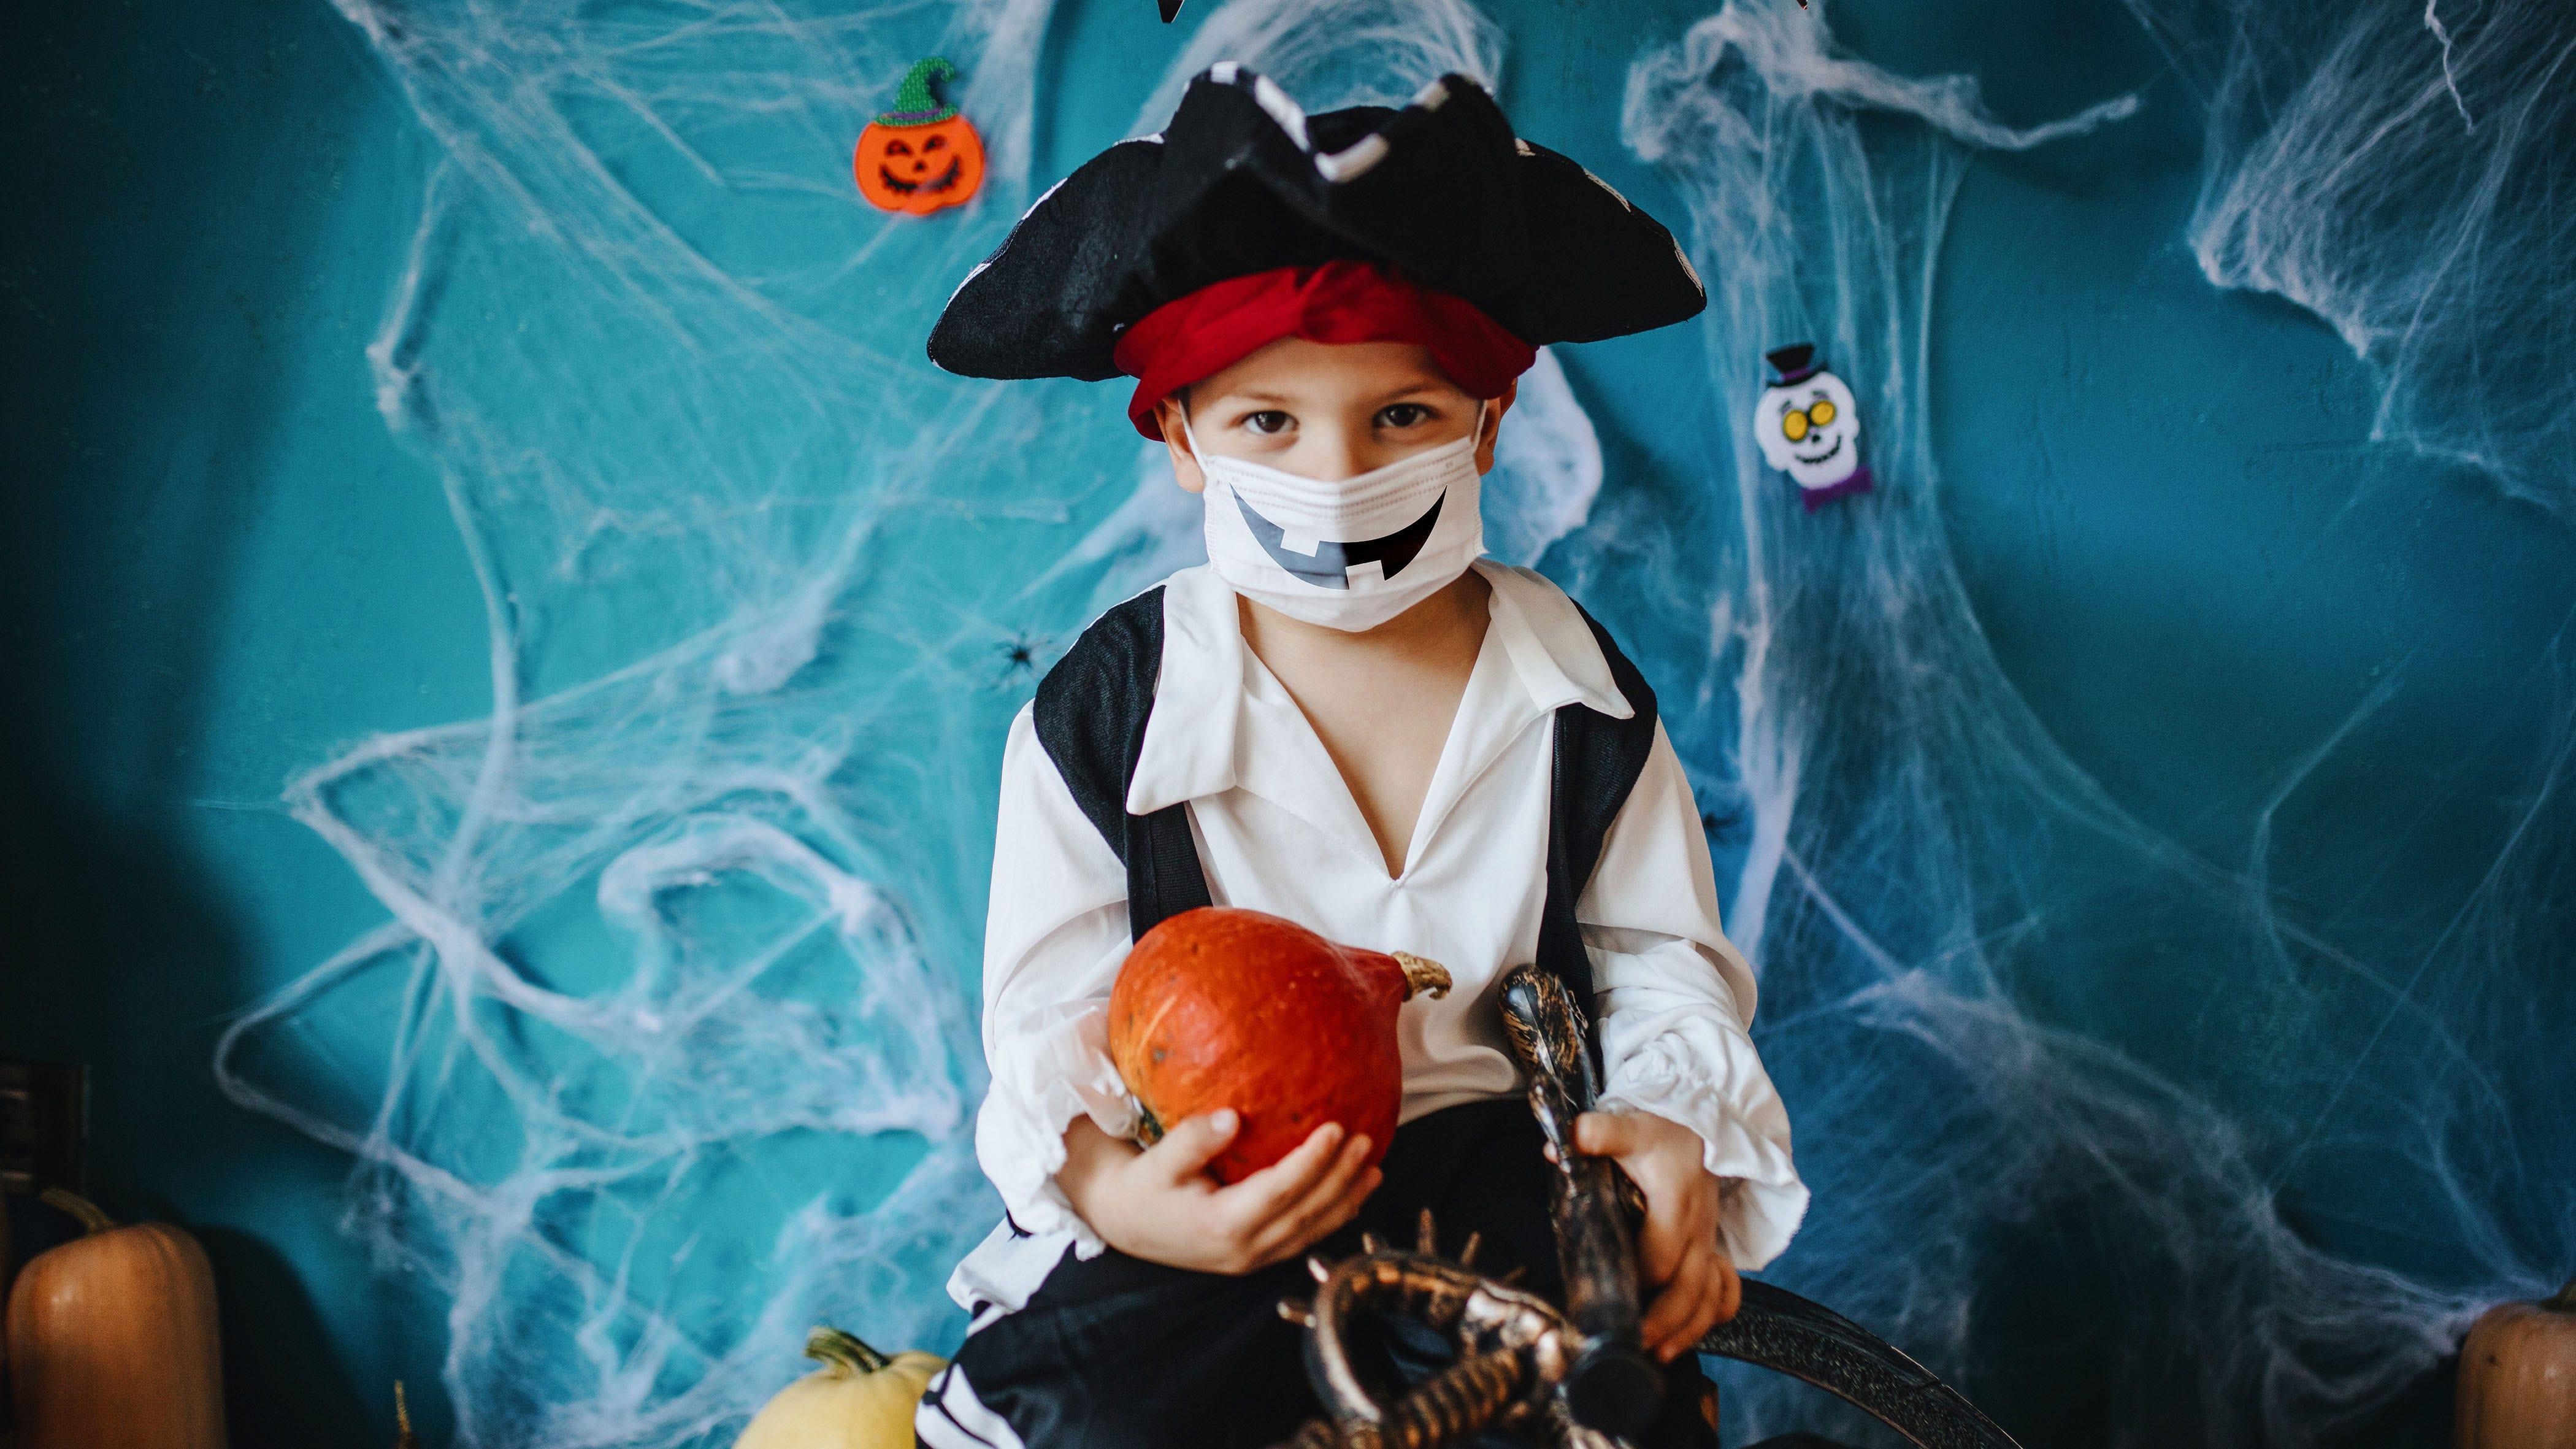 Cincinnati Halloween Costume Contests 2020 Halloween 2020: Fall festivals, pumpkin patches, parties in Cincinnati